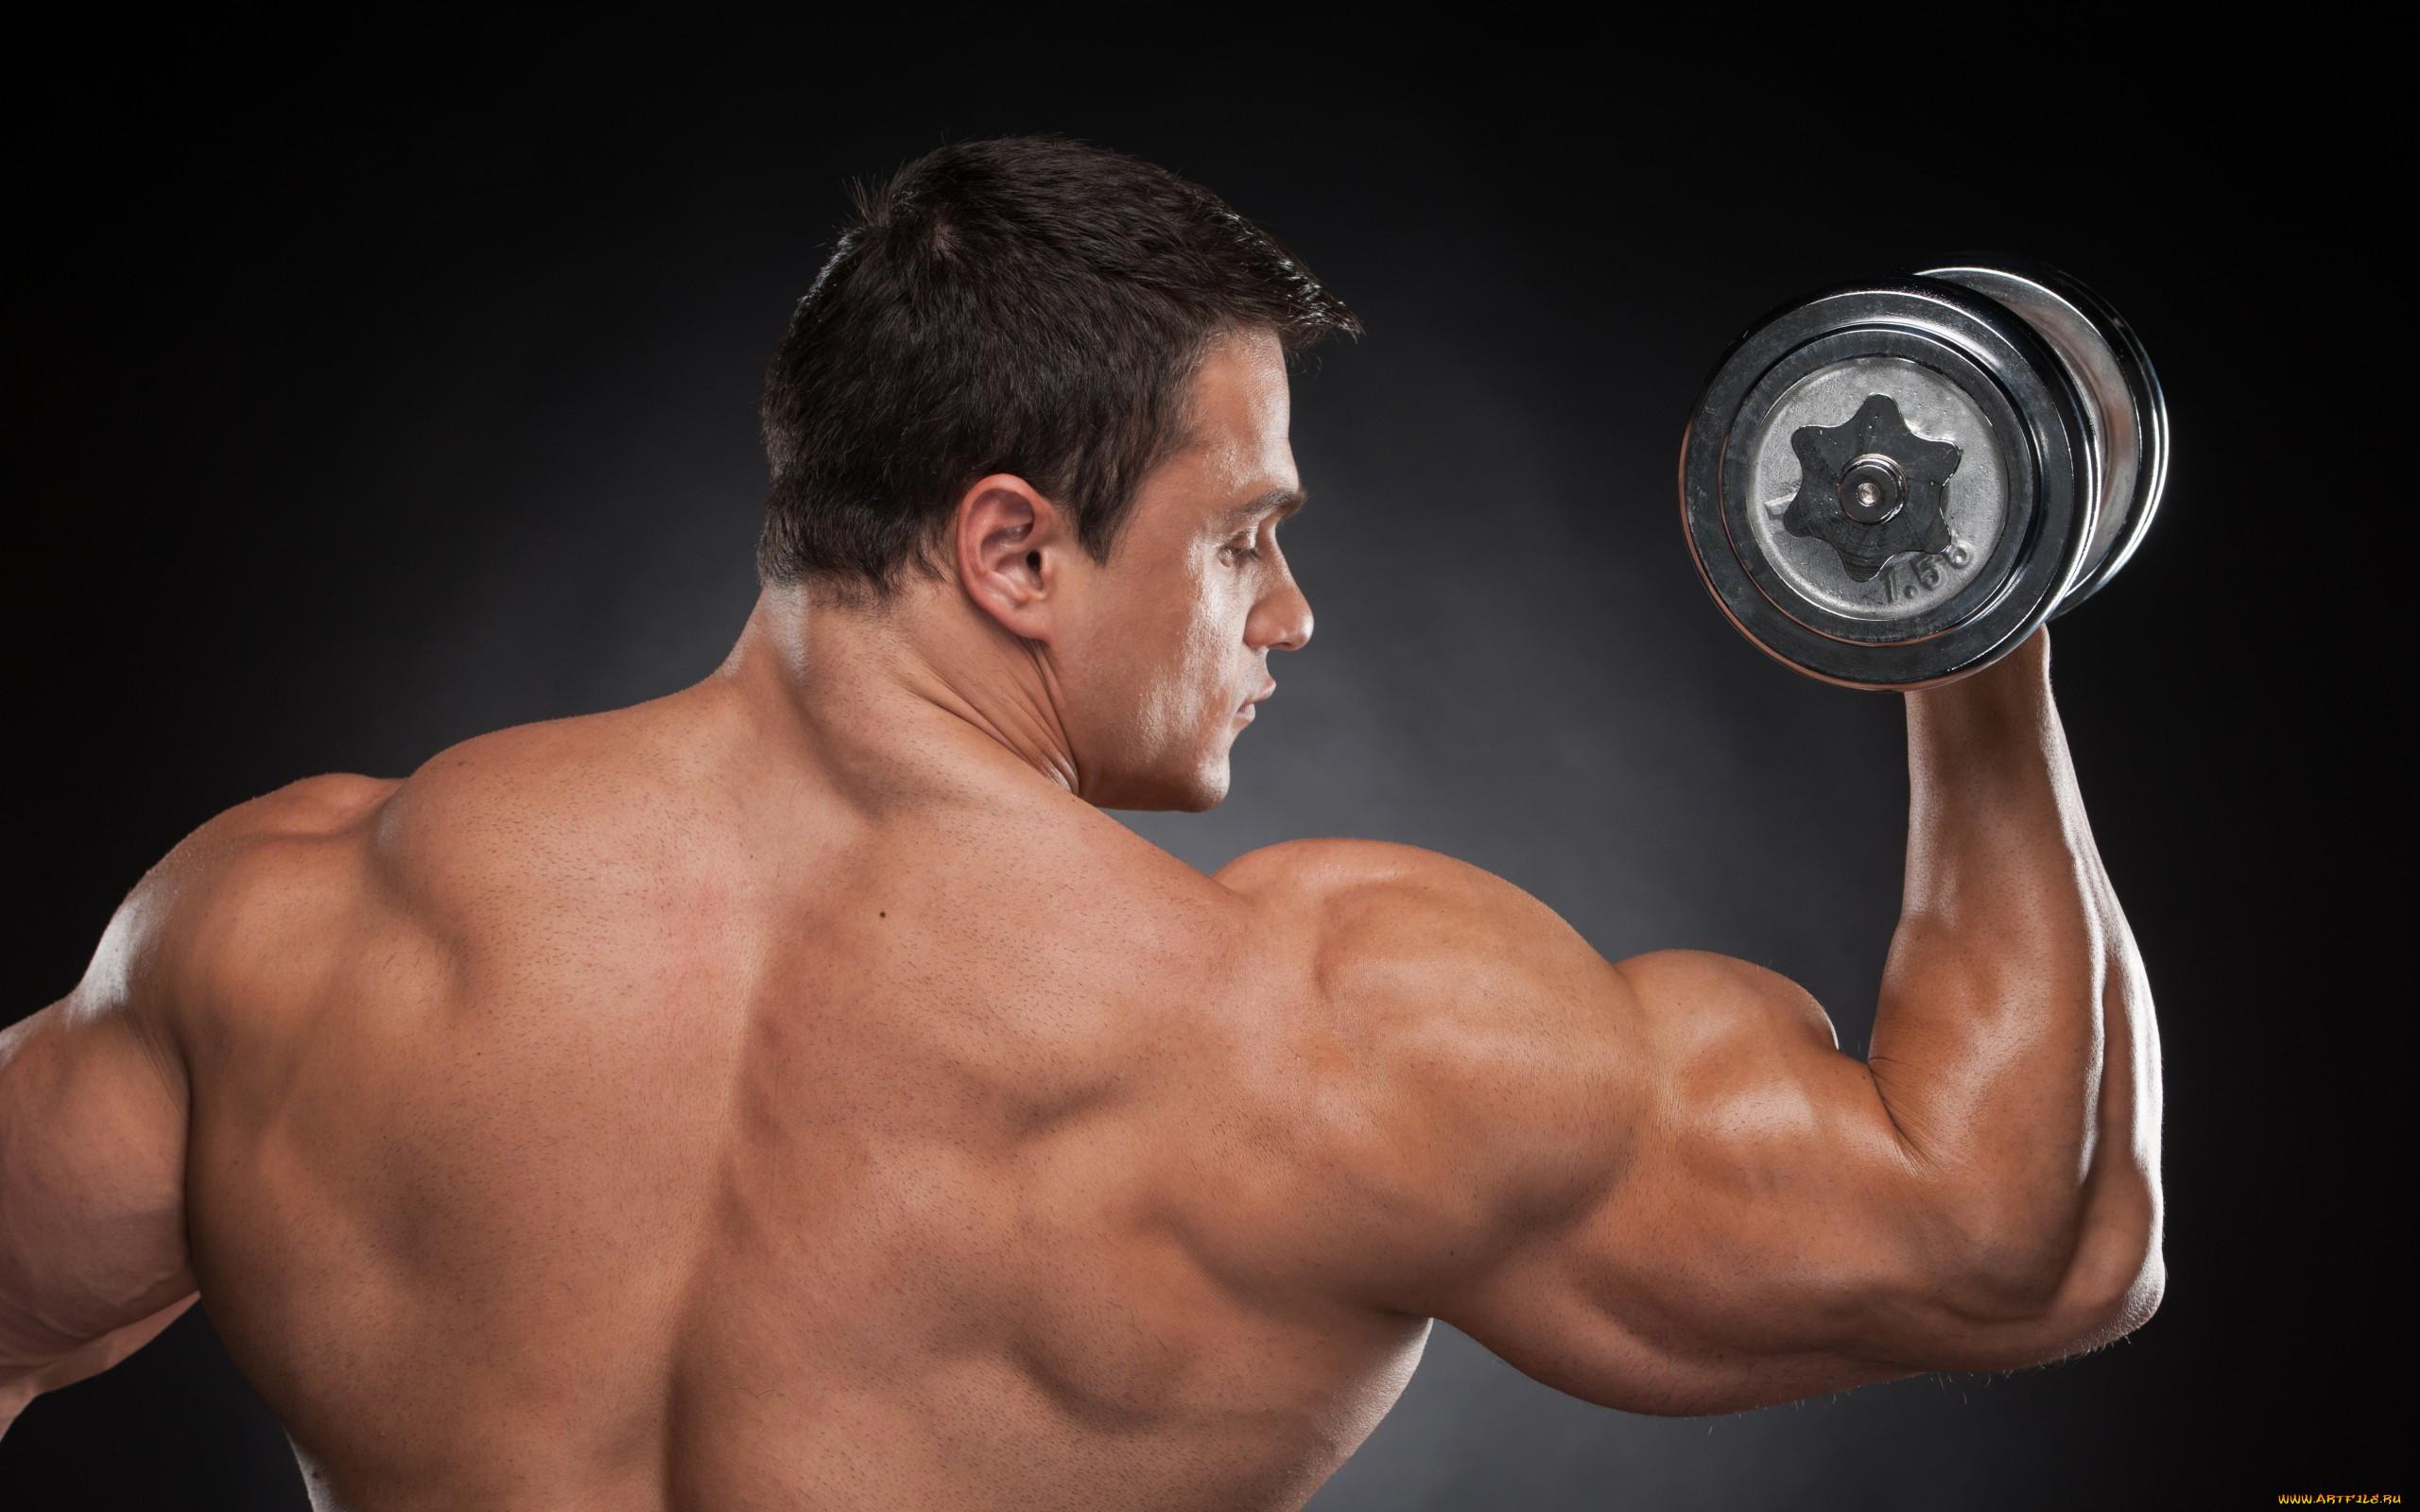 один наиболее картинки работы мышц при бодибилдинге едят арбузы грецкий